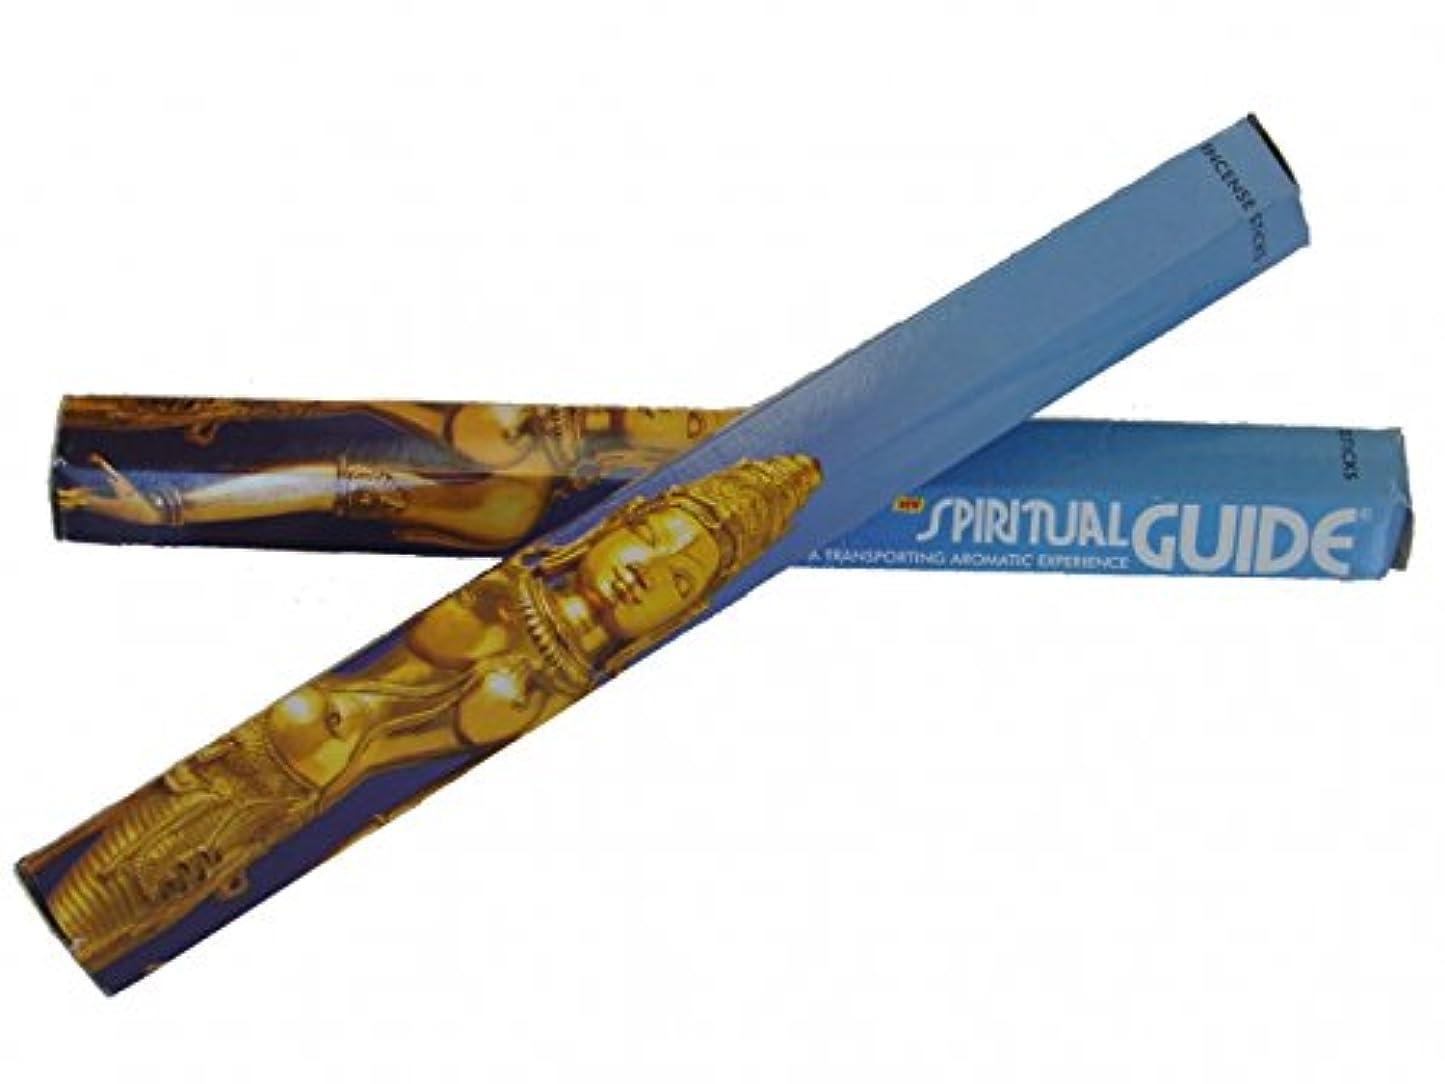 症候群保護するスズメバチ2 Boxes of Spiritual Guide Incense Sticks